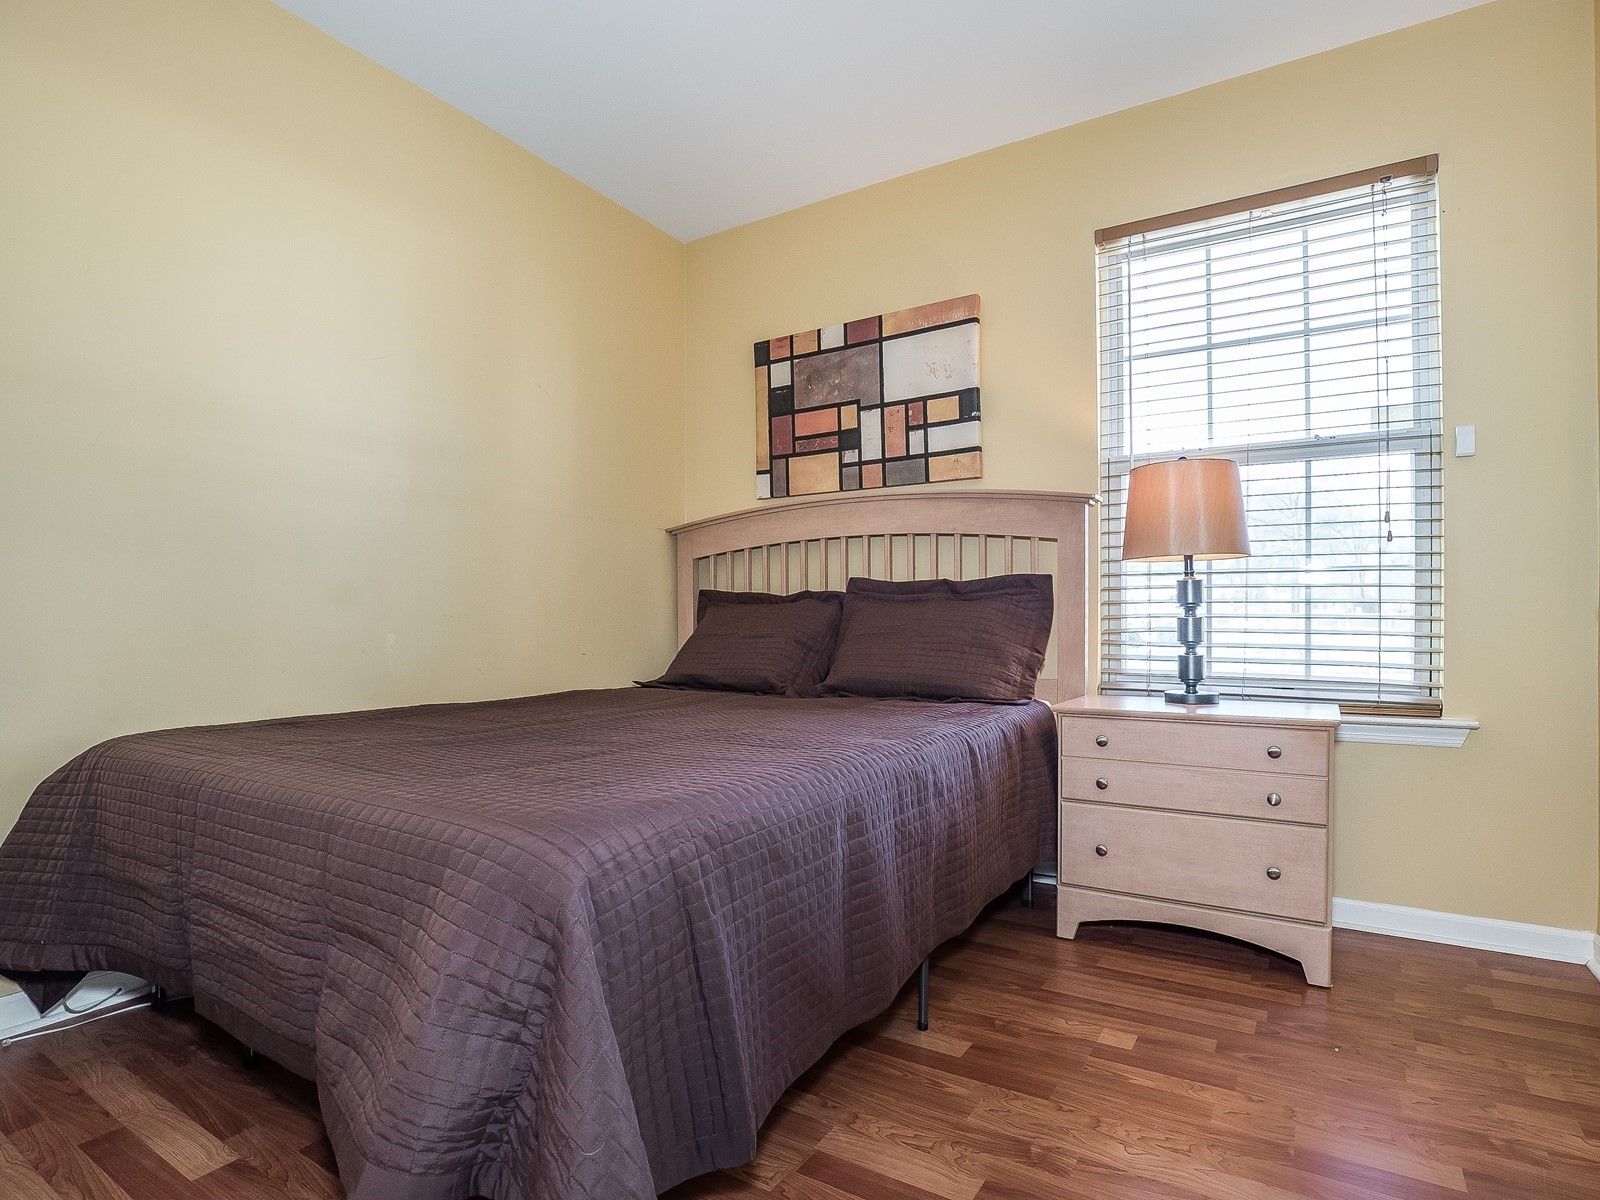 3_Furnished-House-Woodbridge_DownstairsBedroom